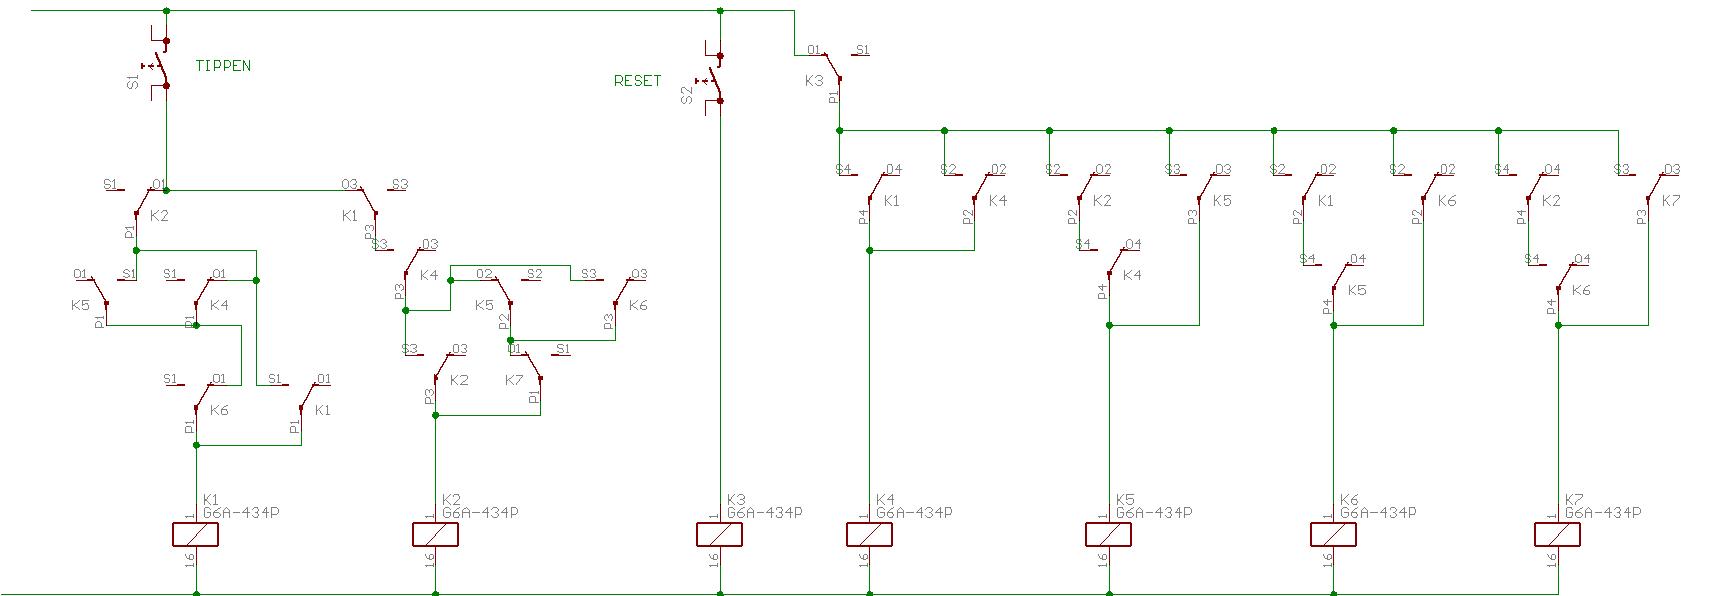 Einmal drücken ein, nochmal drücken aus - Mikrocontroller.net